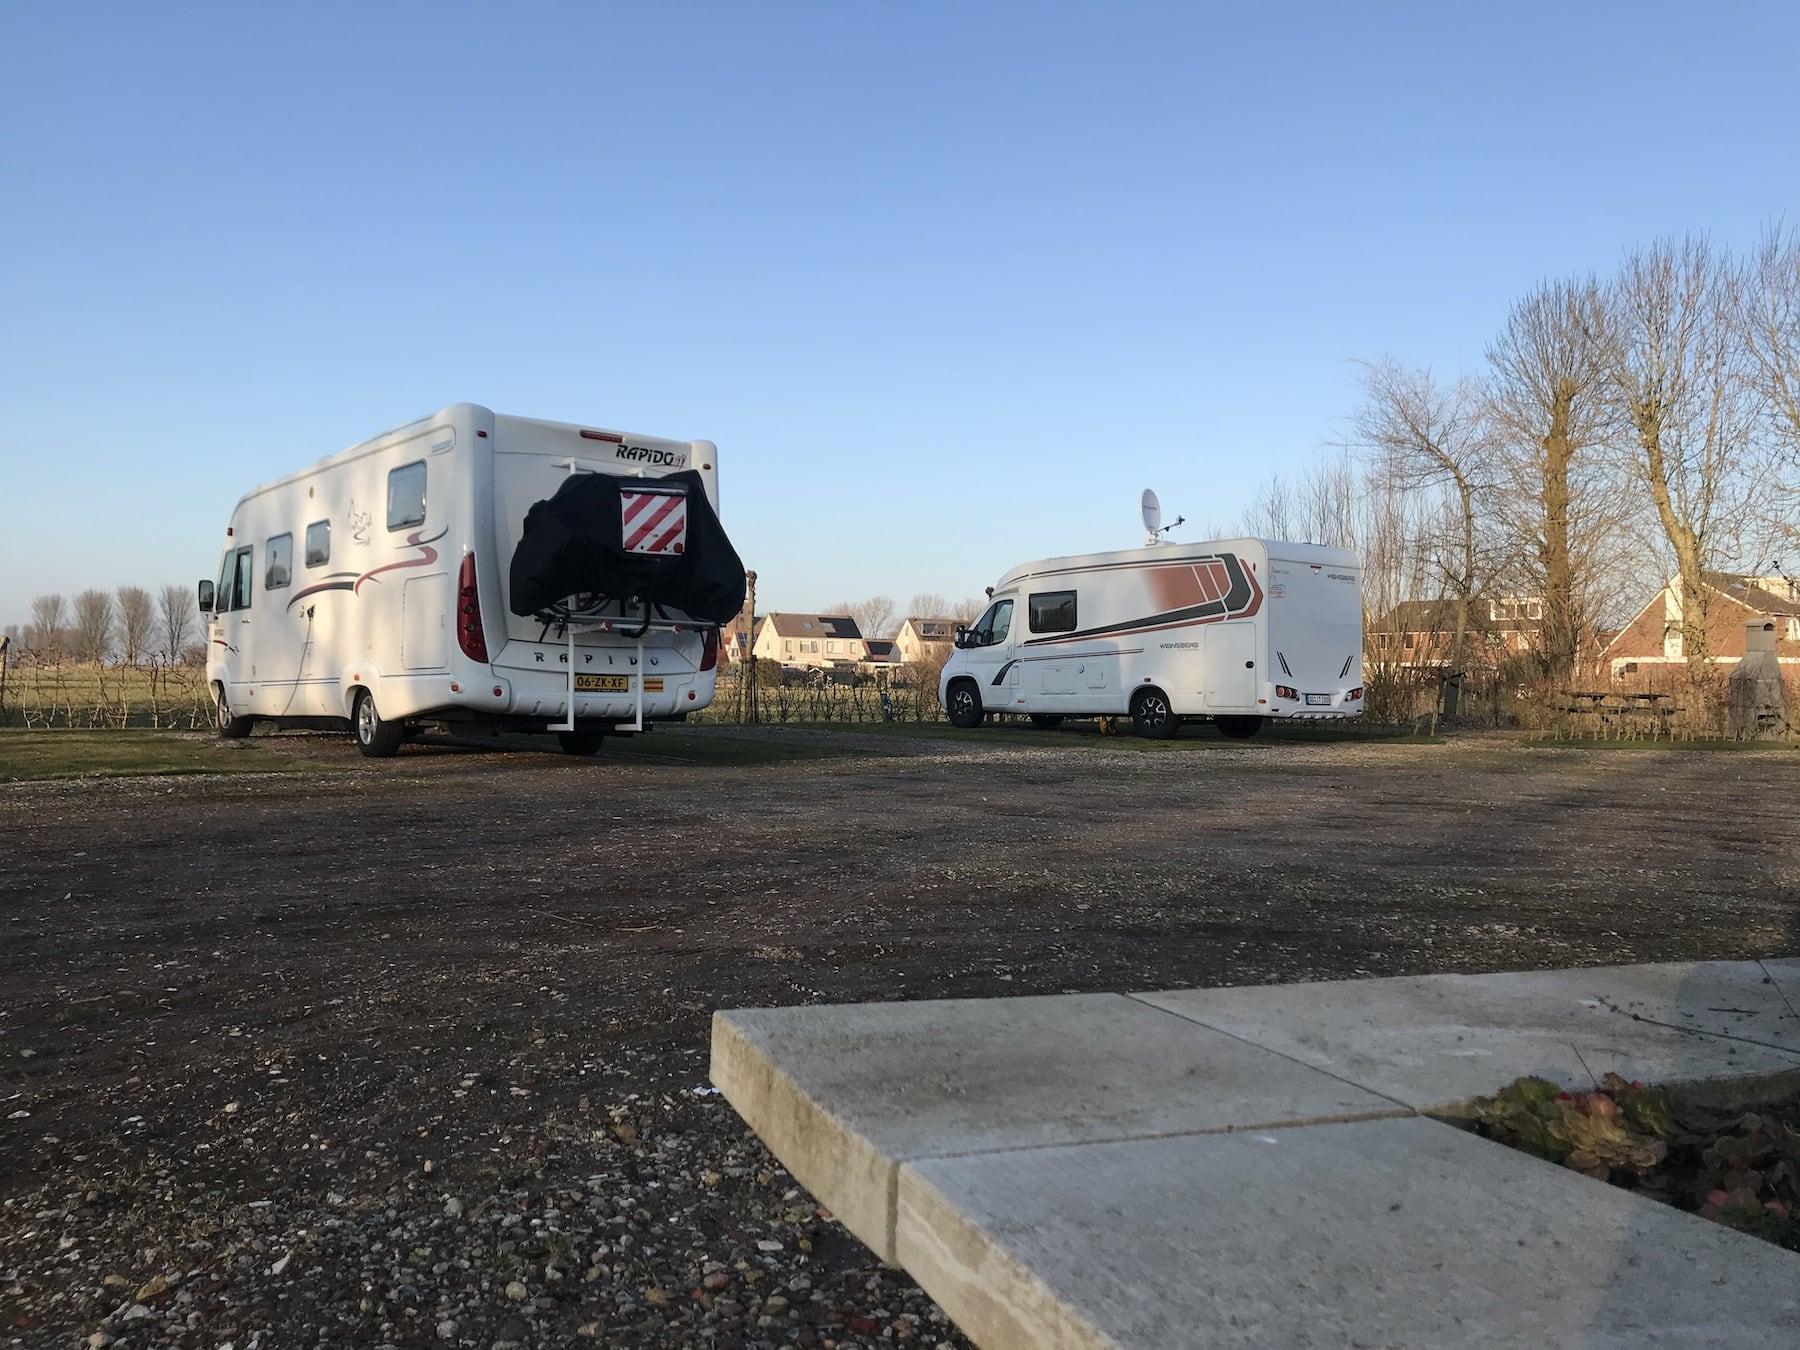 Mit dem Wohnmobil durch Holland reisen